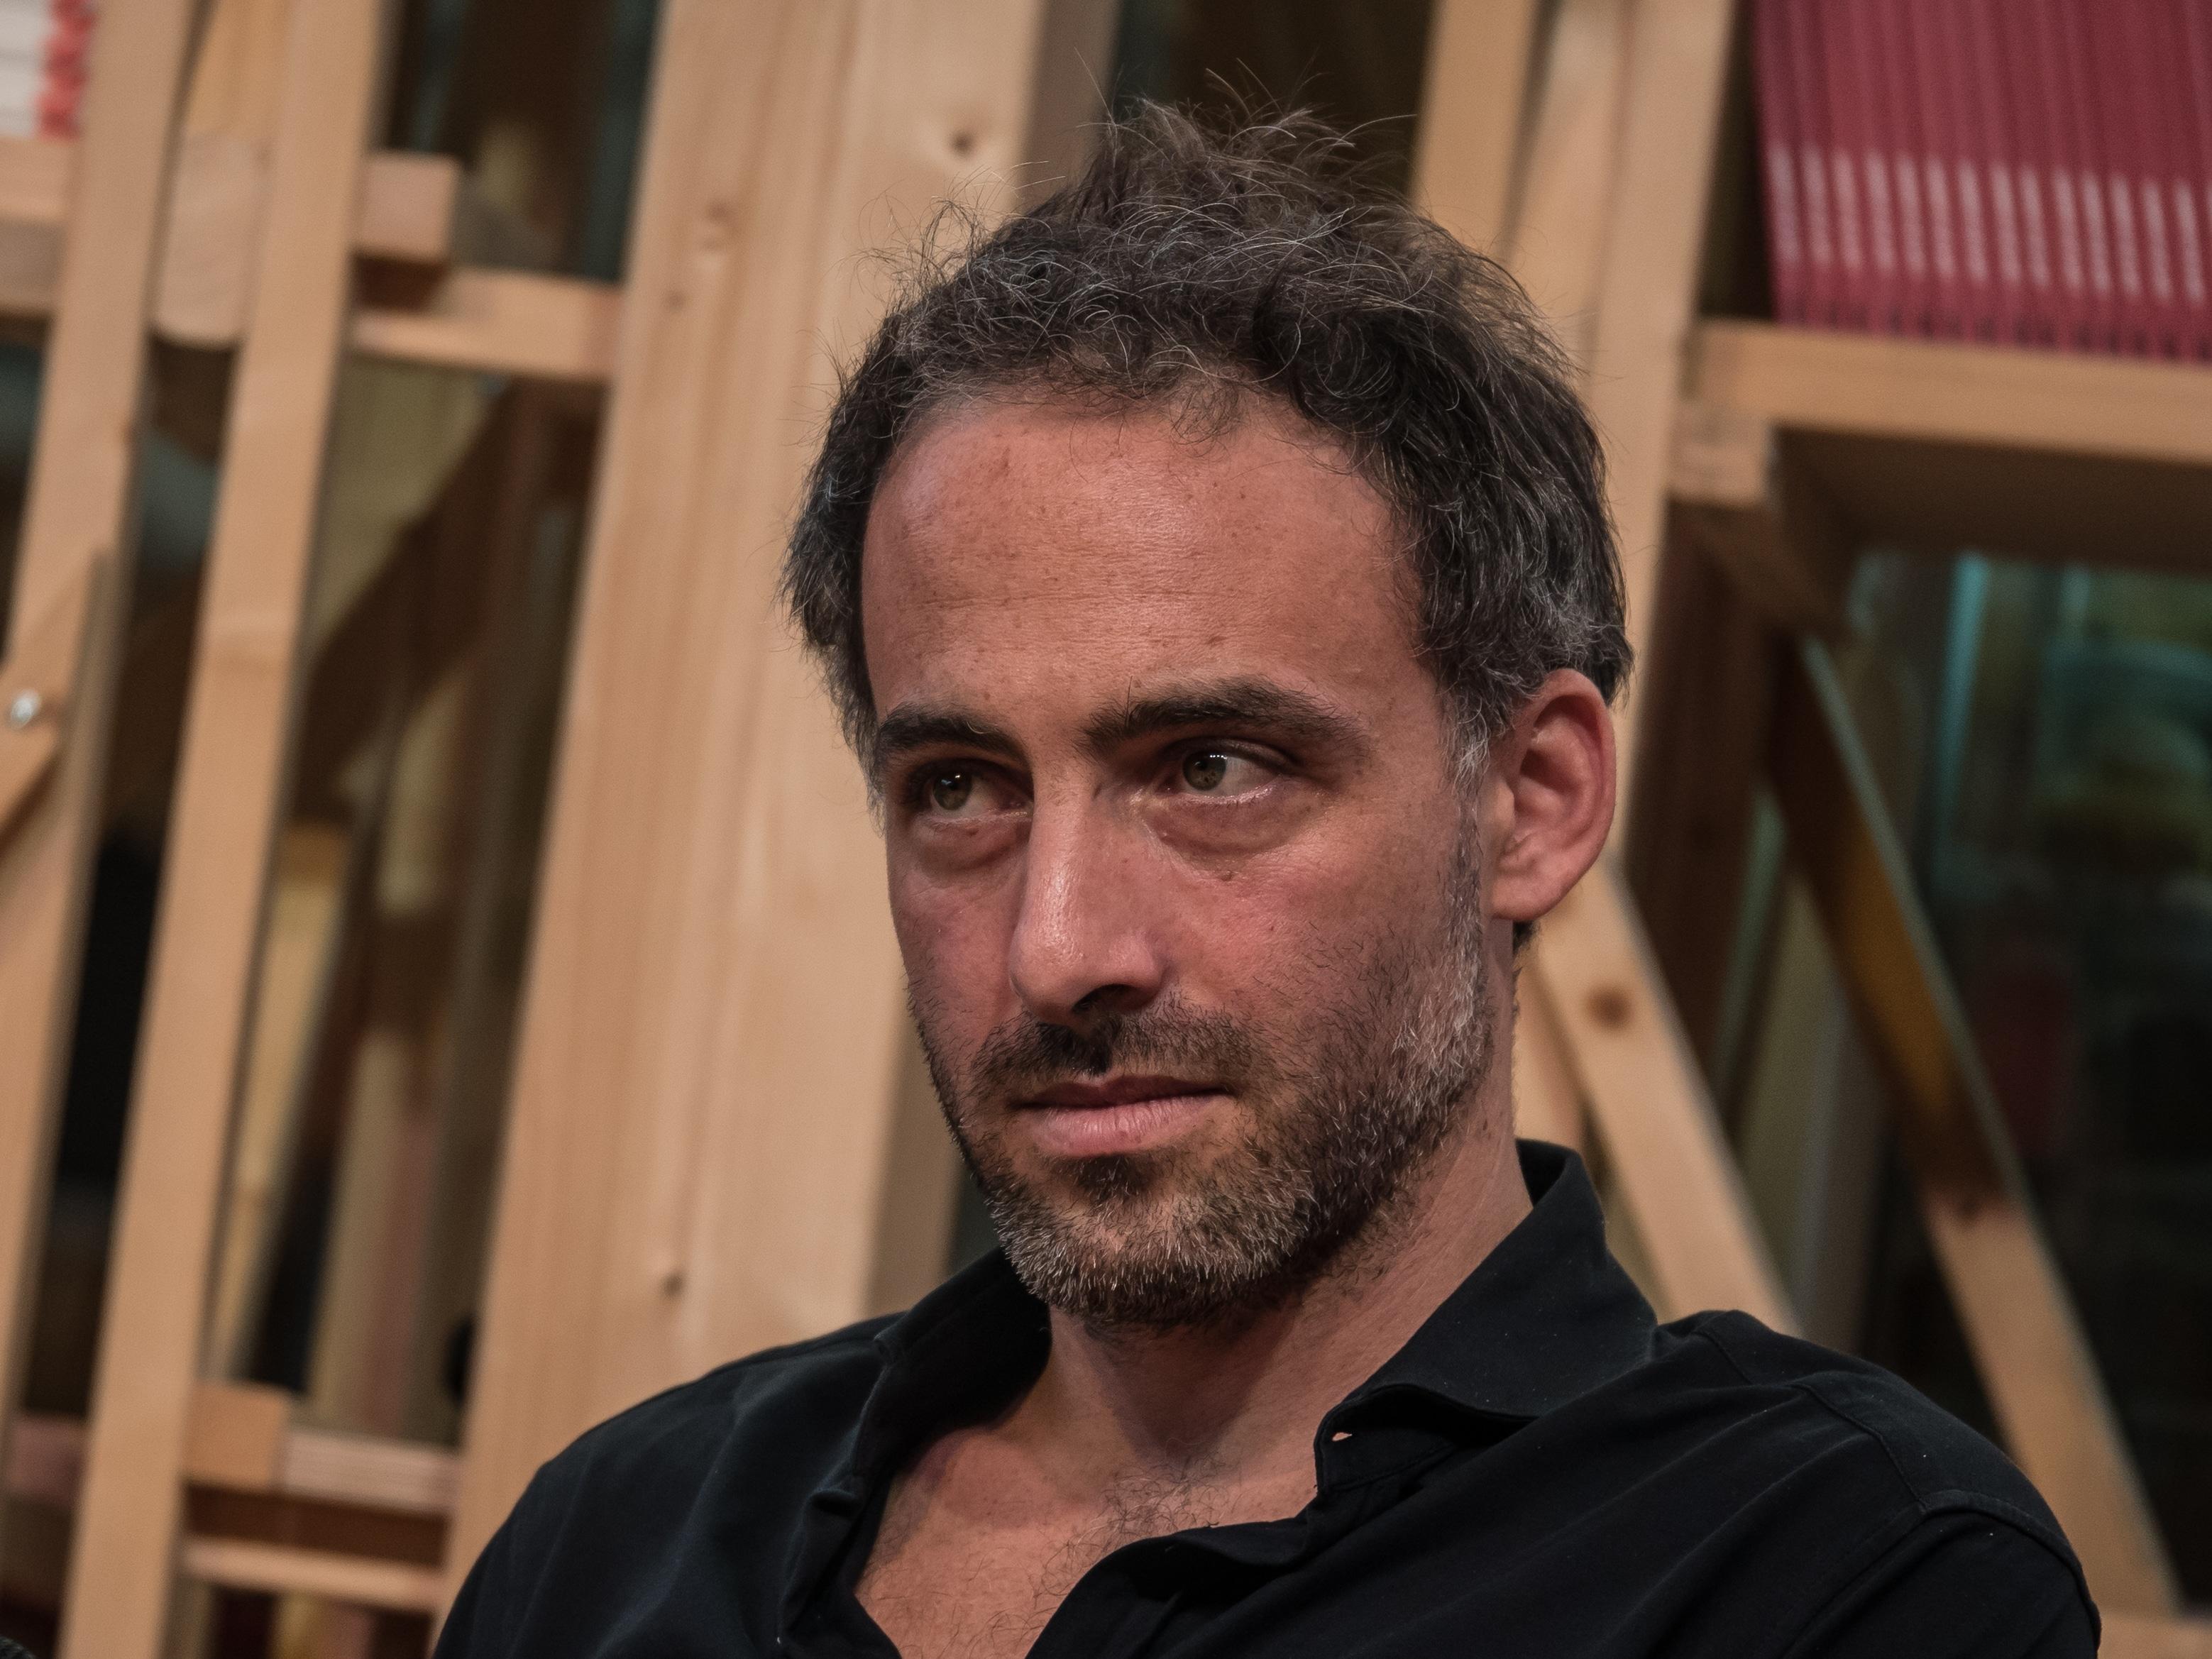 Raphaël_Glucksmann-1040795